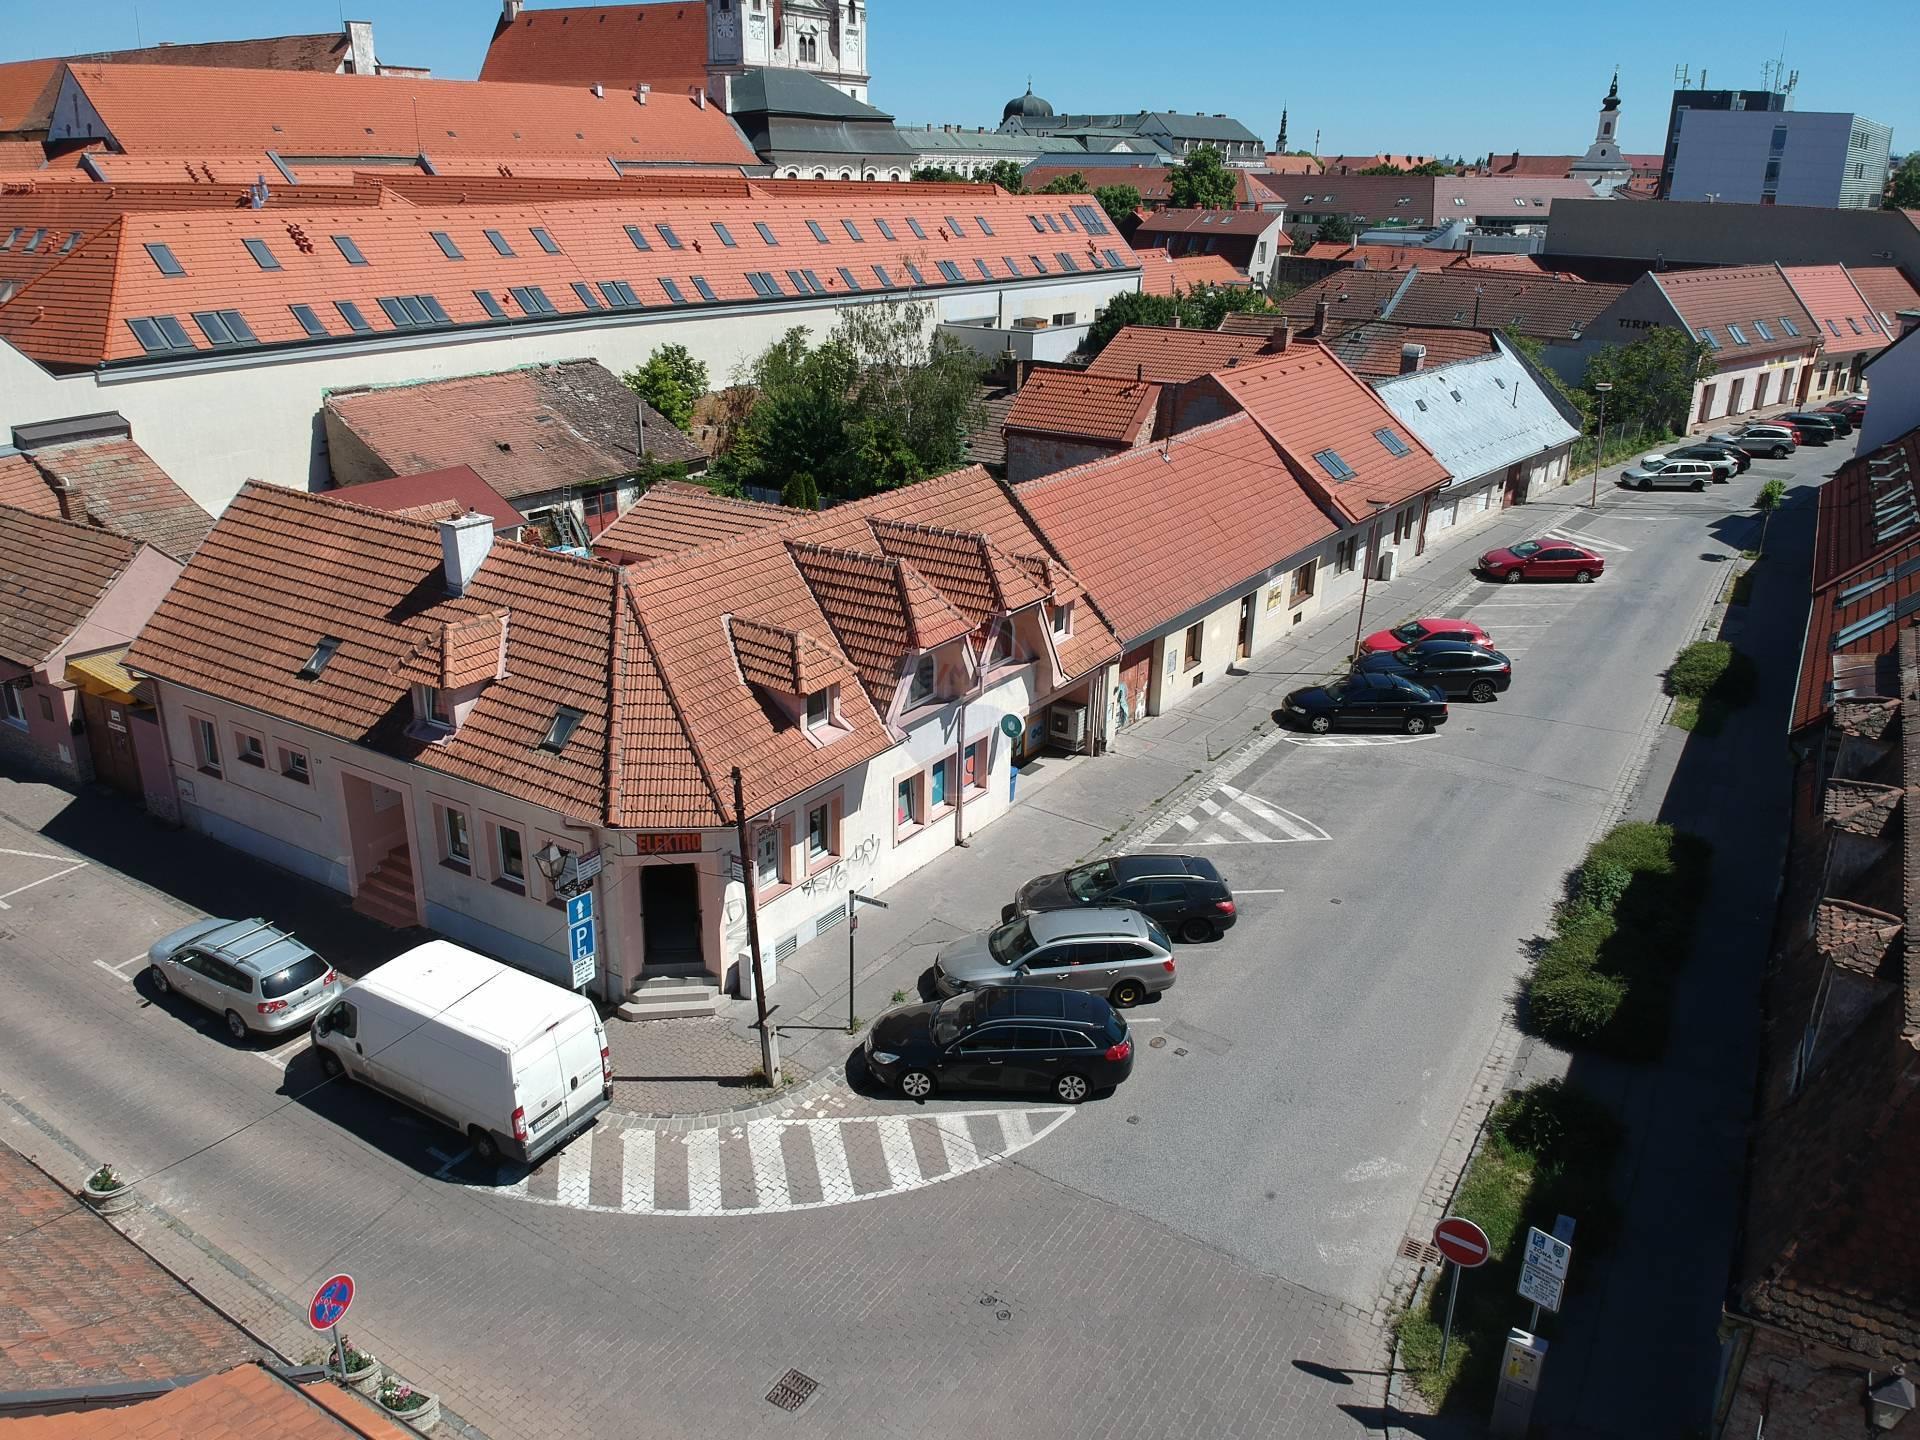 RE/MAX predáva nehnuteľnosť rodinný dom s nebytovými priestormi v historickom centre mesta Trnava